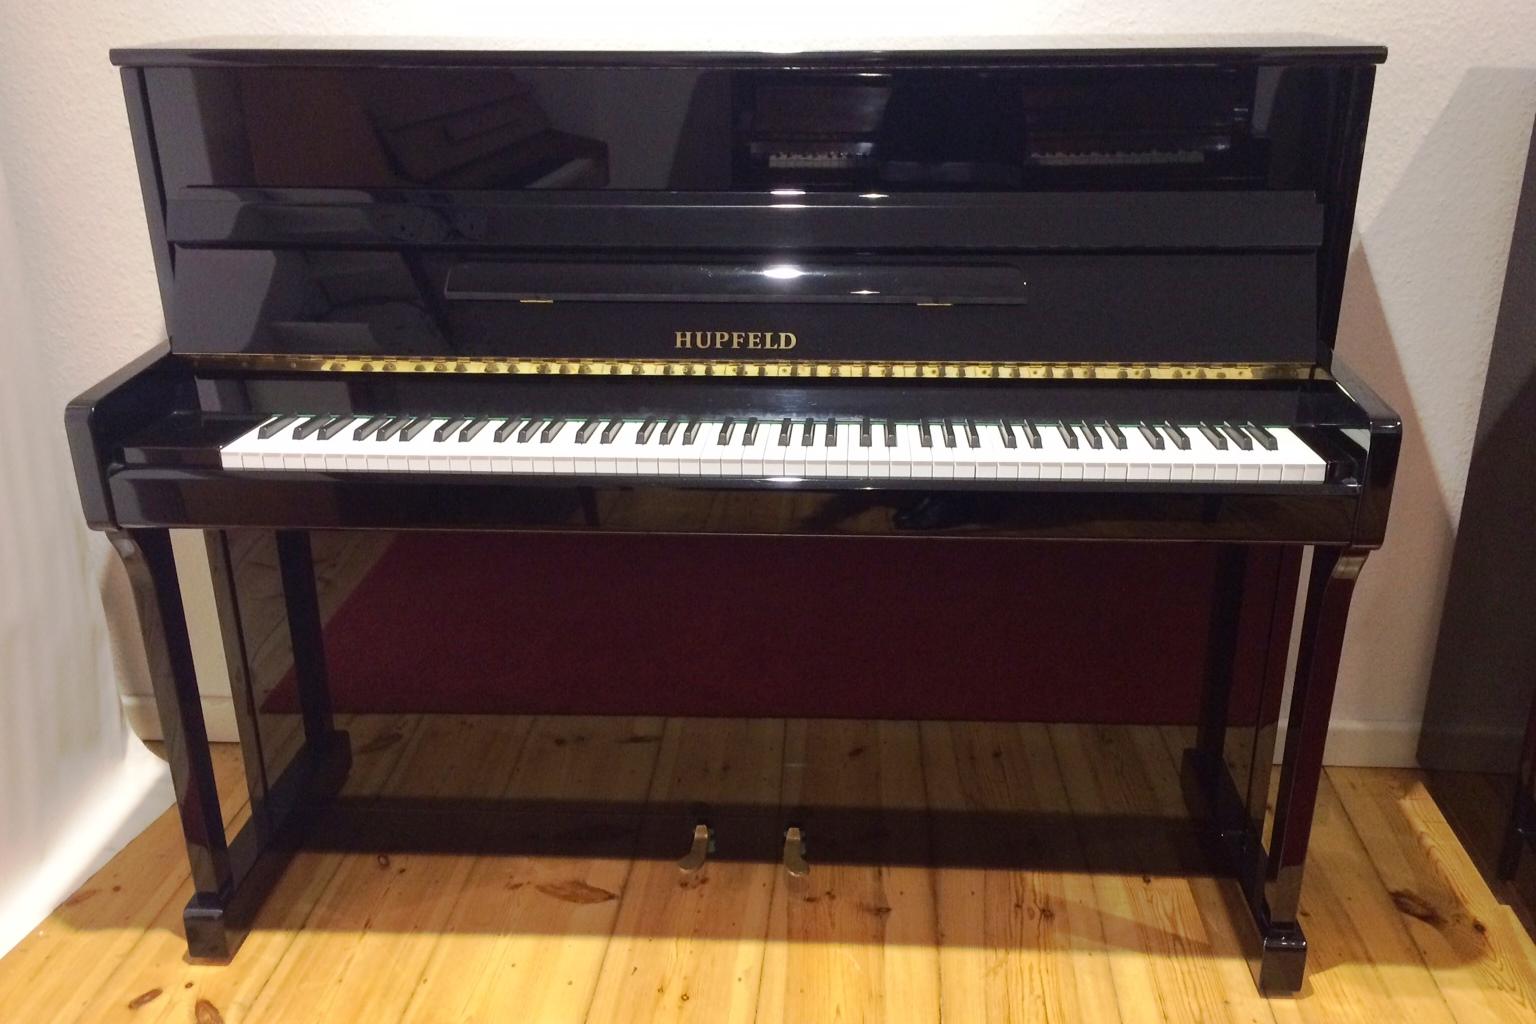 Die Besten Klaviere gebrauchte flügel und klavier berlin pianohaus stieler